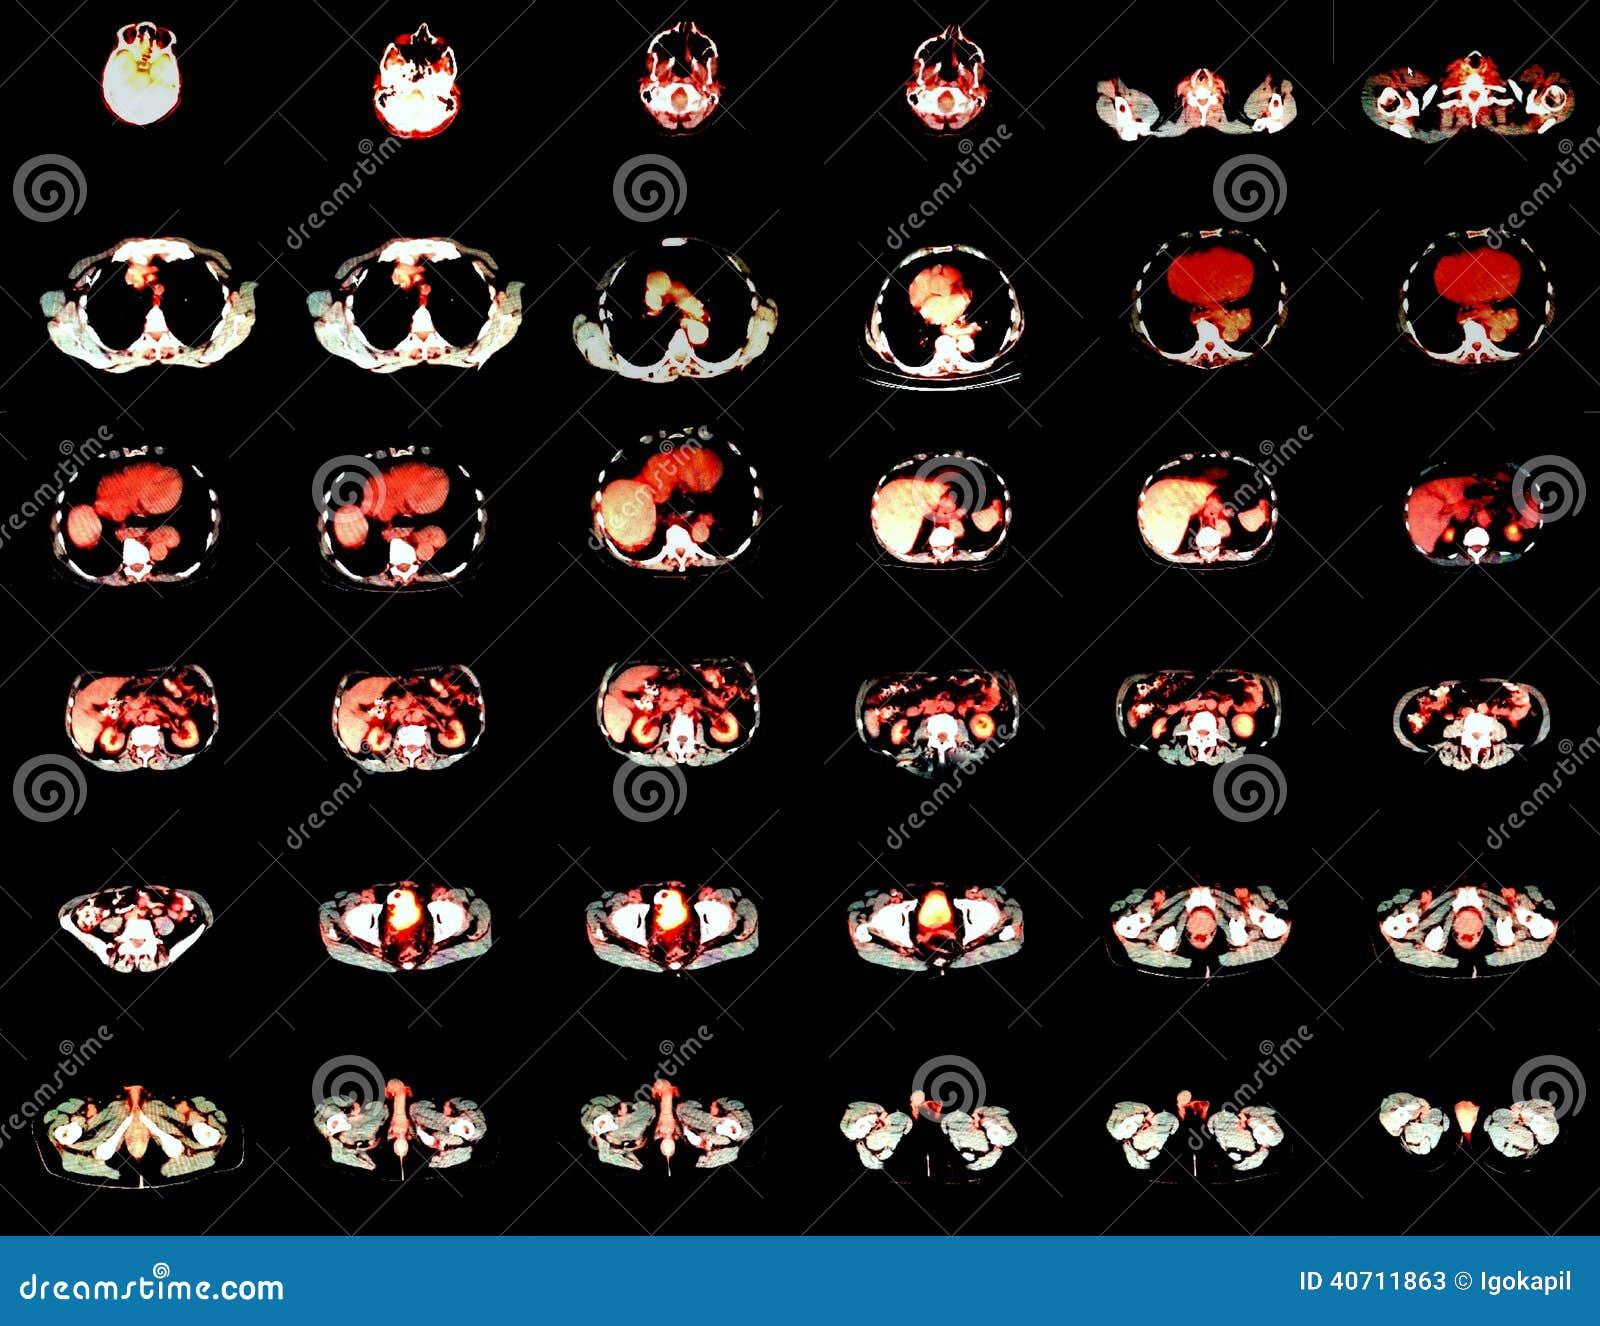 Pozytron emisi tomografia